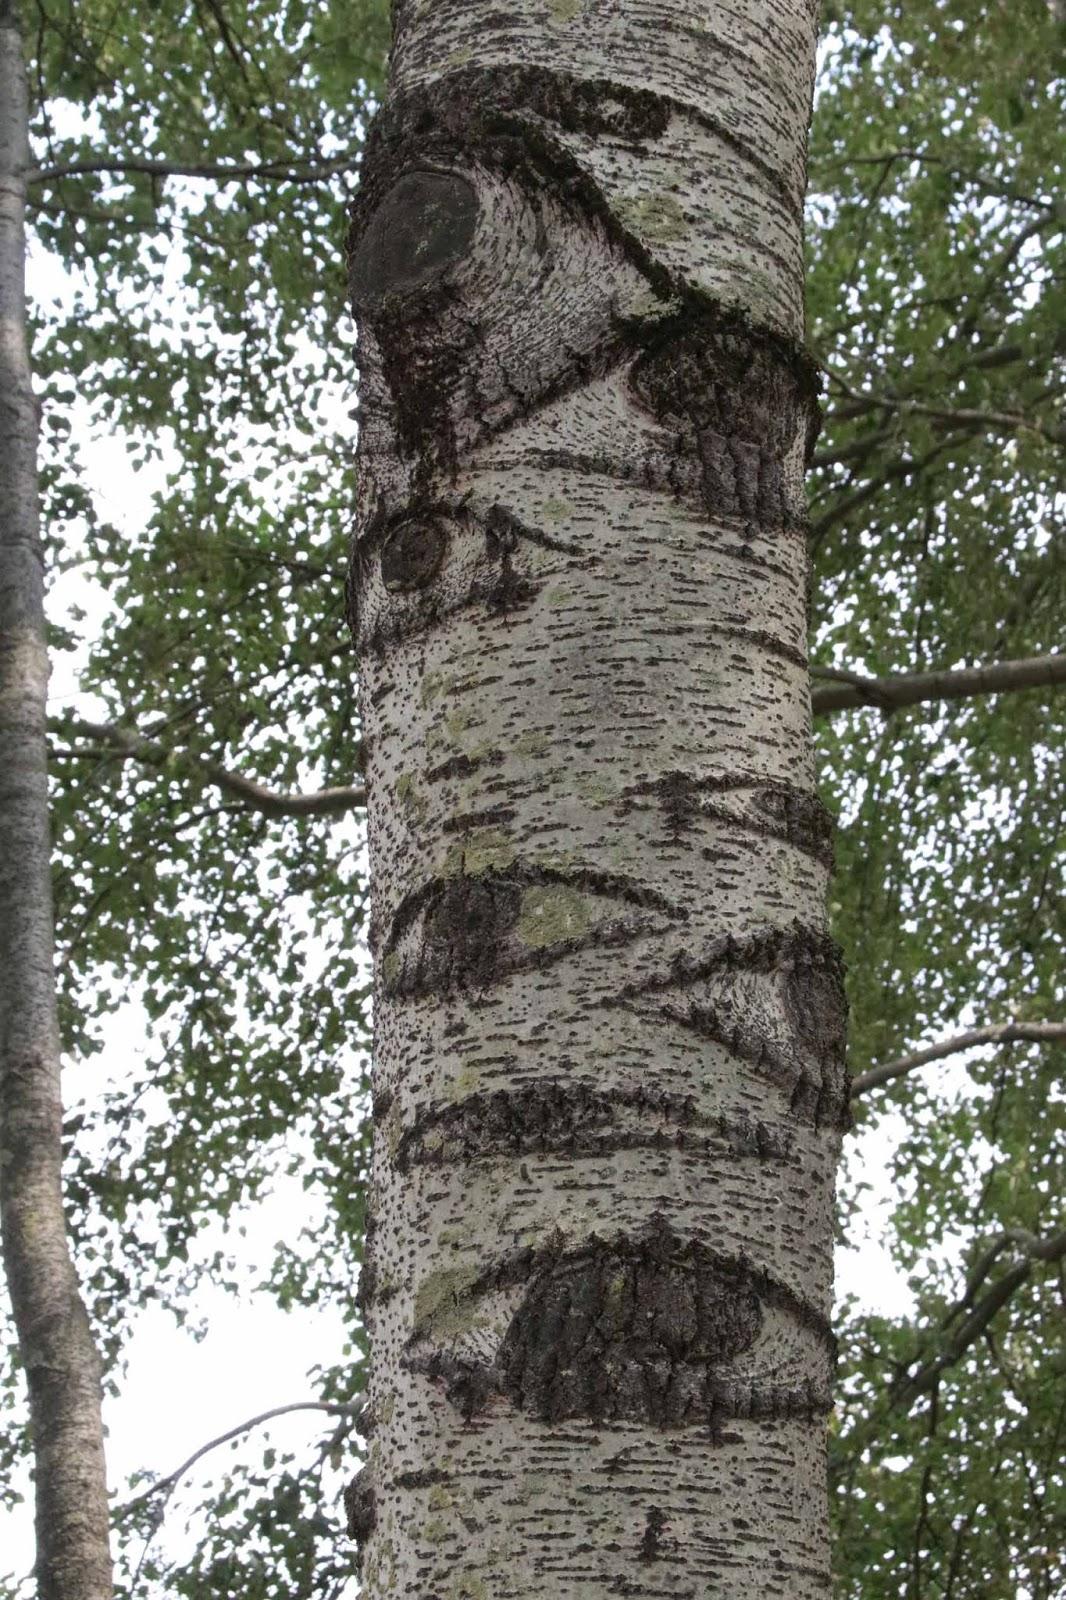 puu tree eyes Beuningen